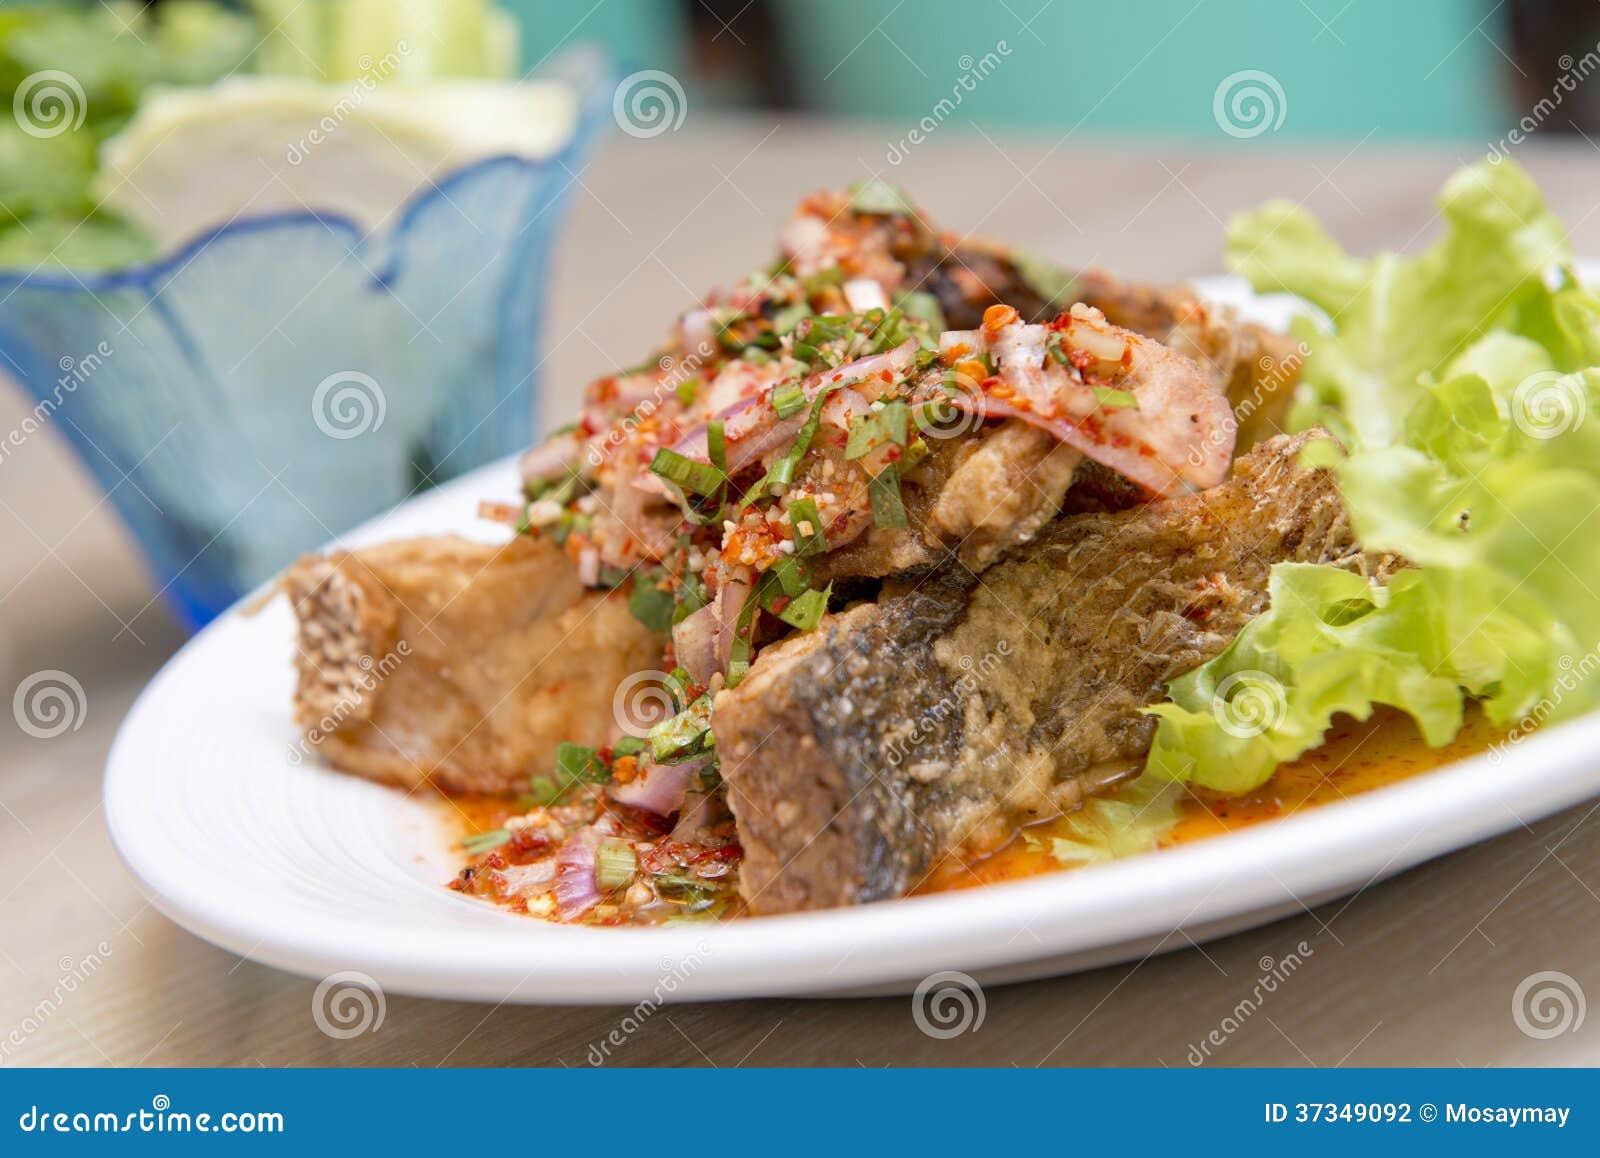 Djup stekt havsbas med kryddig sås, thailändsk mat